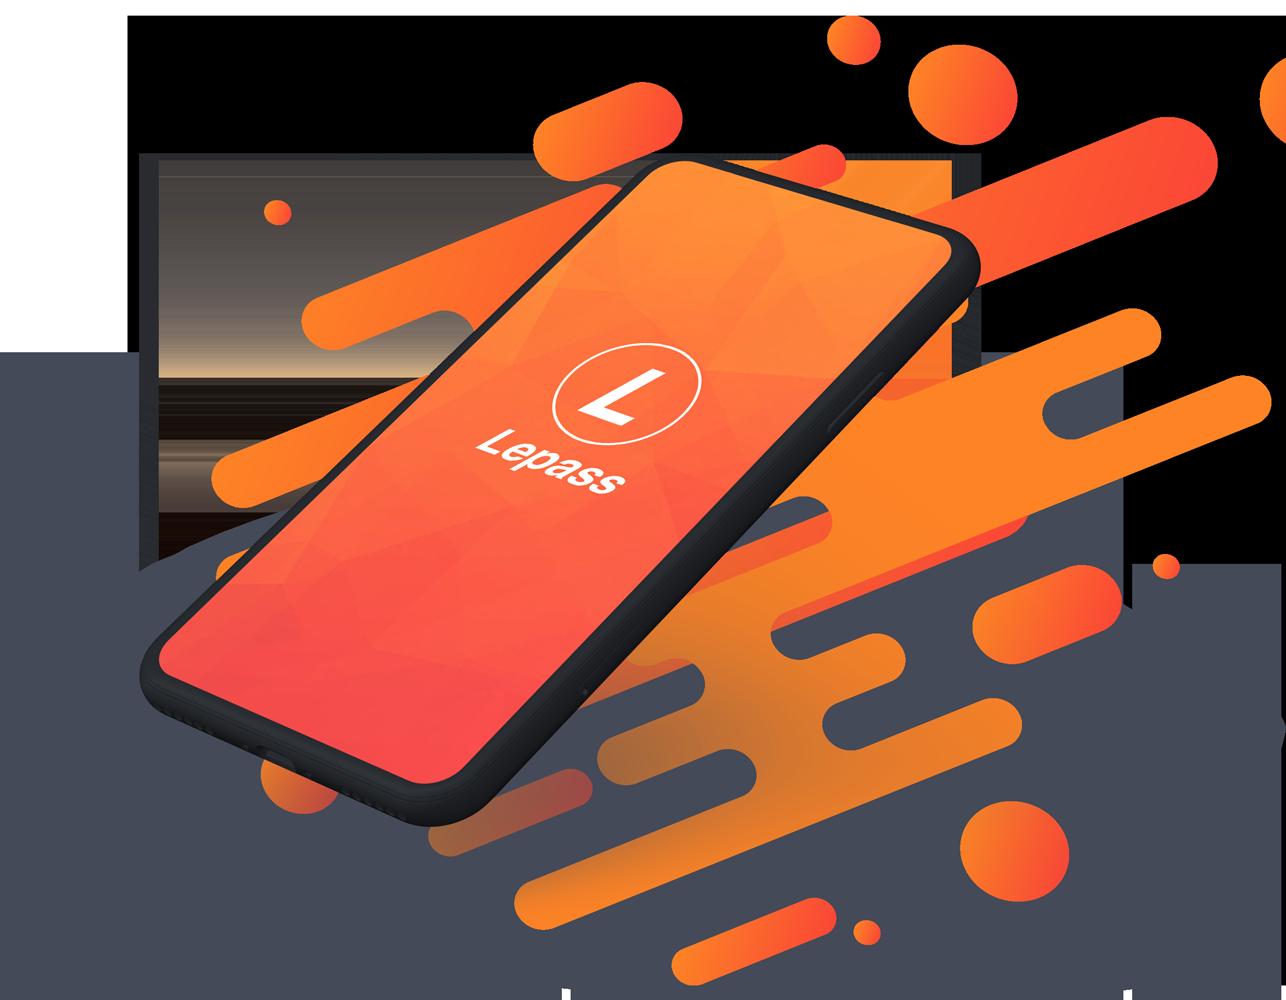 écran présentation application le pass mobile téléphone orange logo